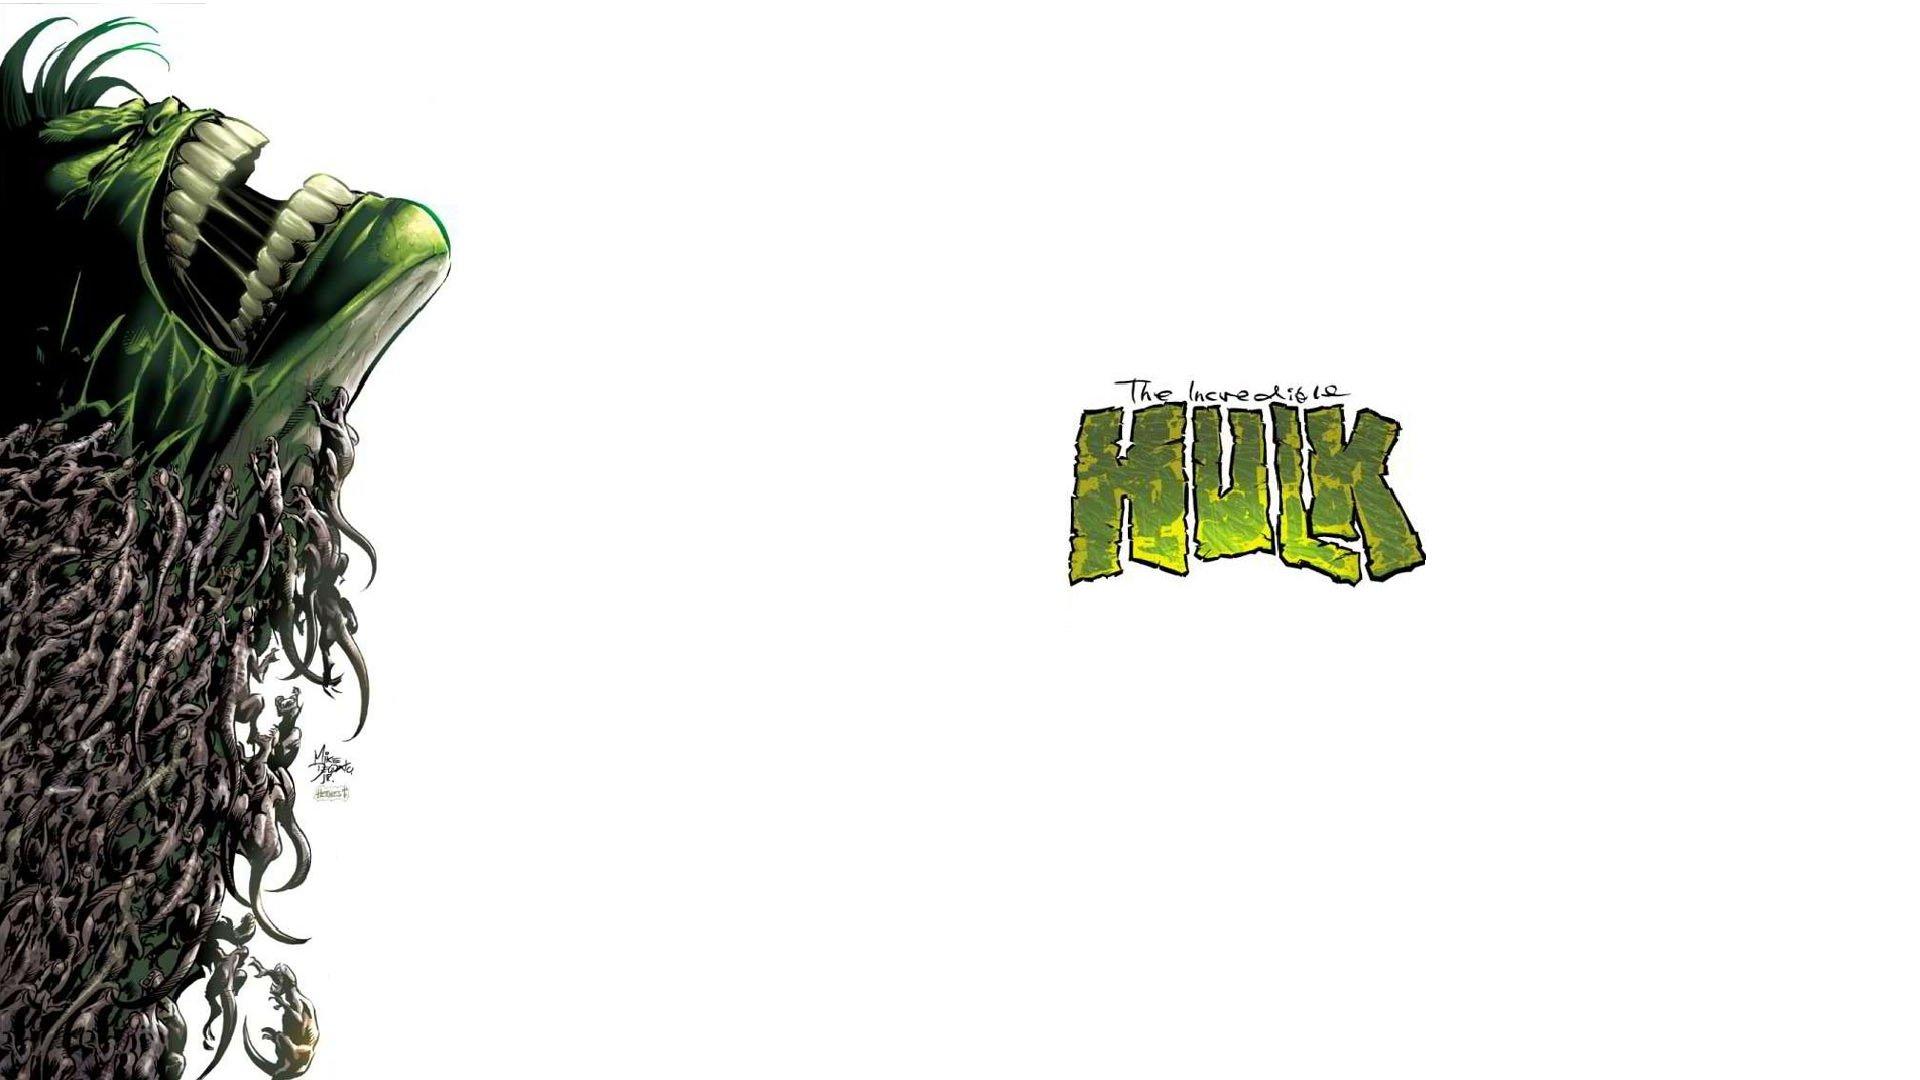 Hd wallpaper hulk - Hd Wallpaper Background Id 473737